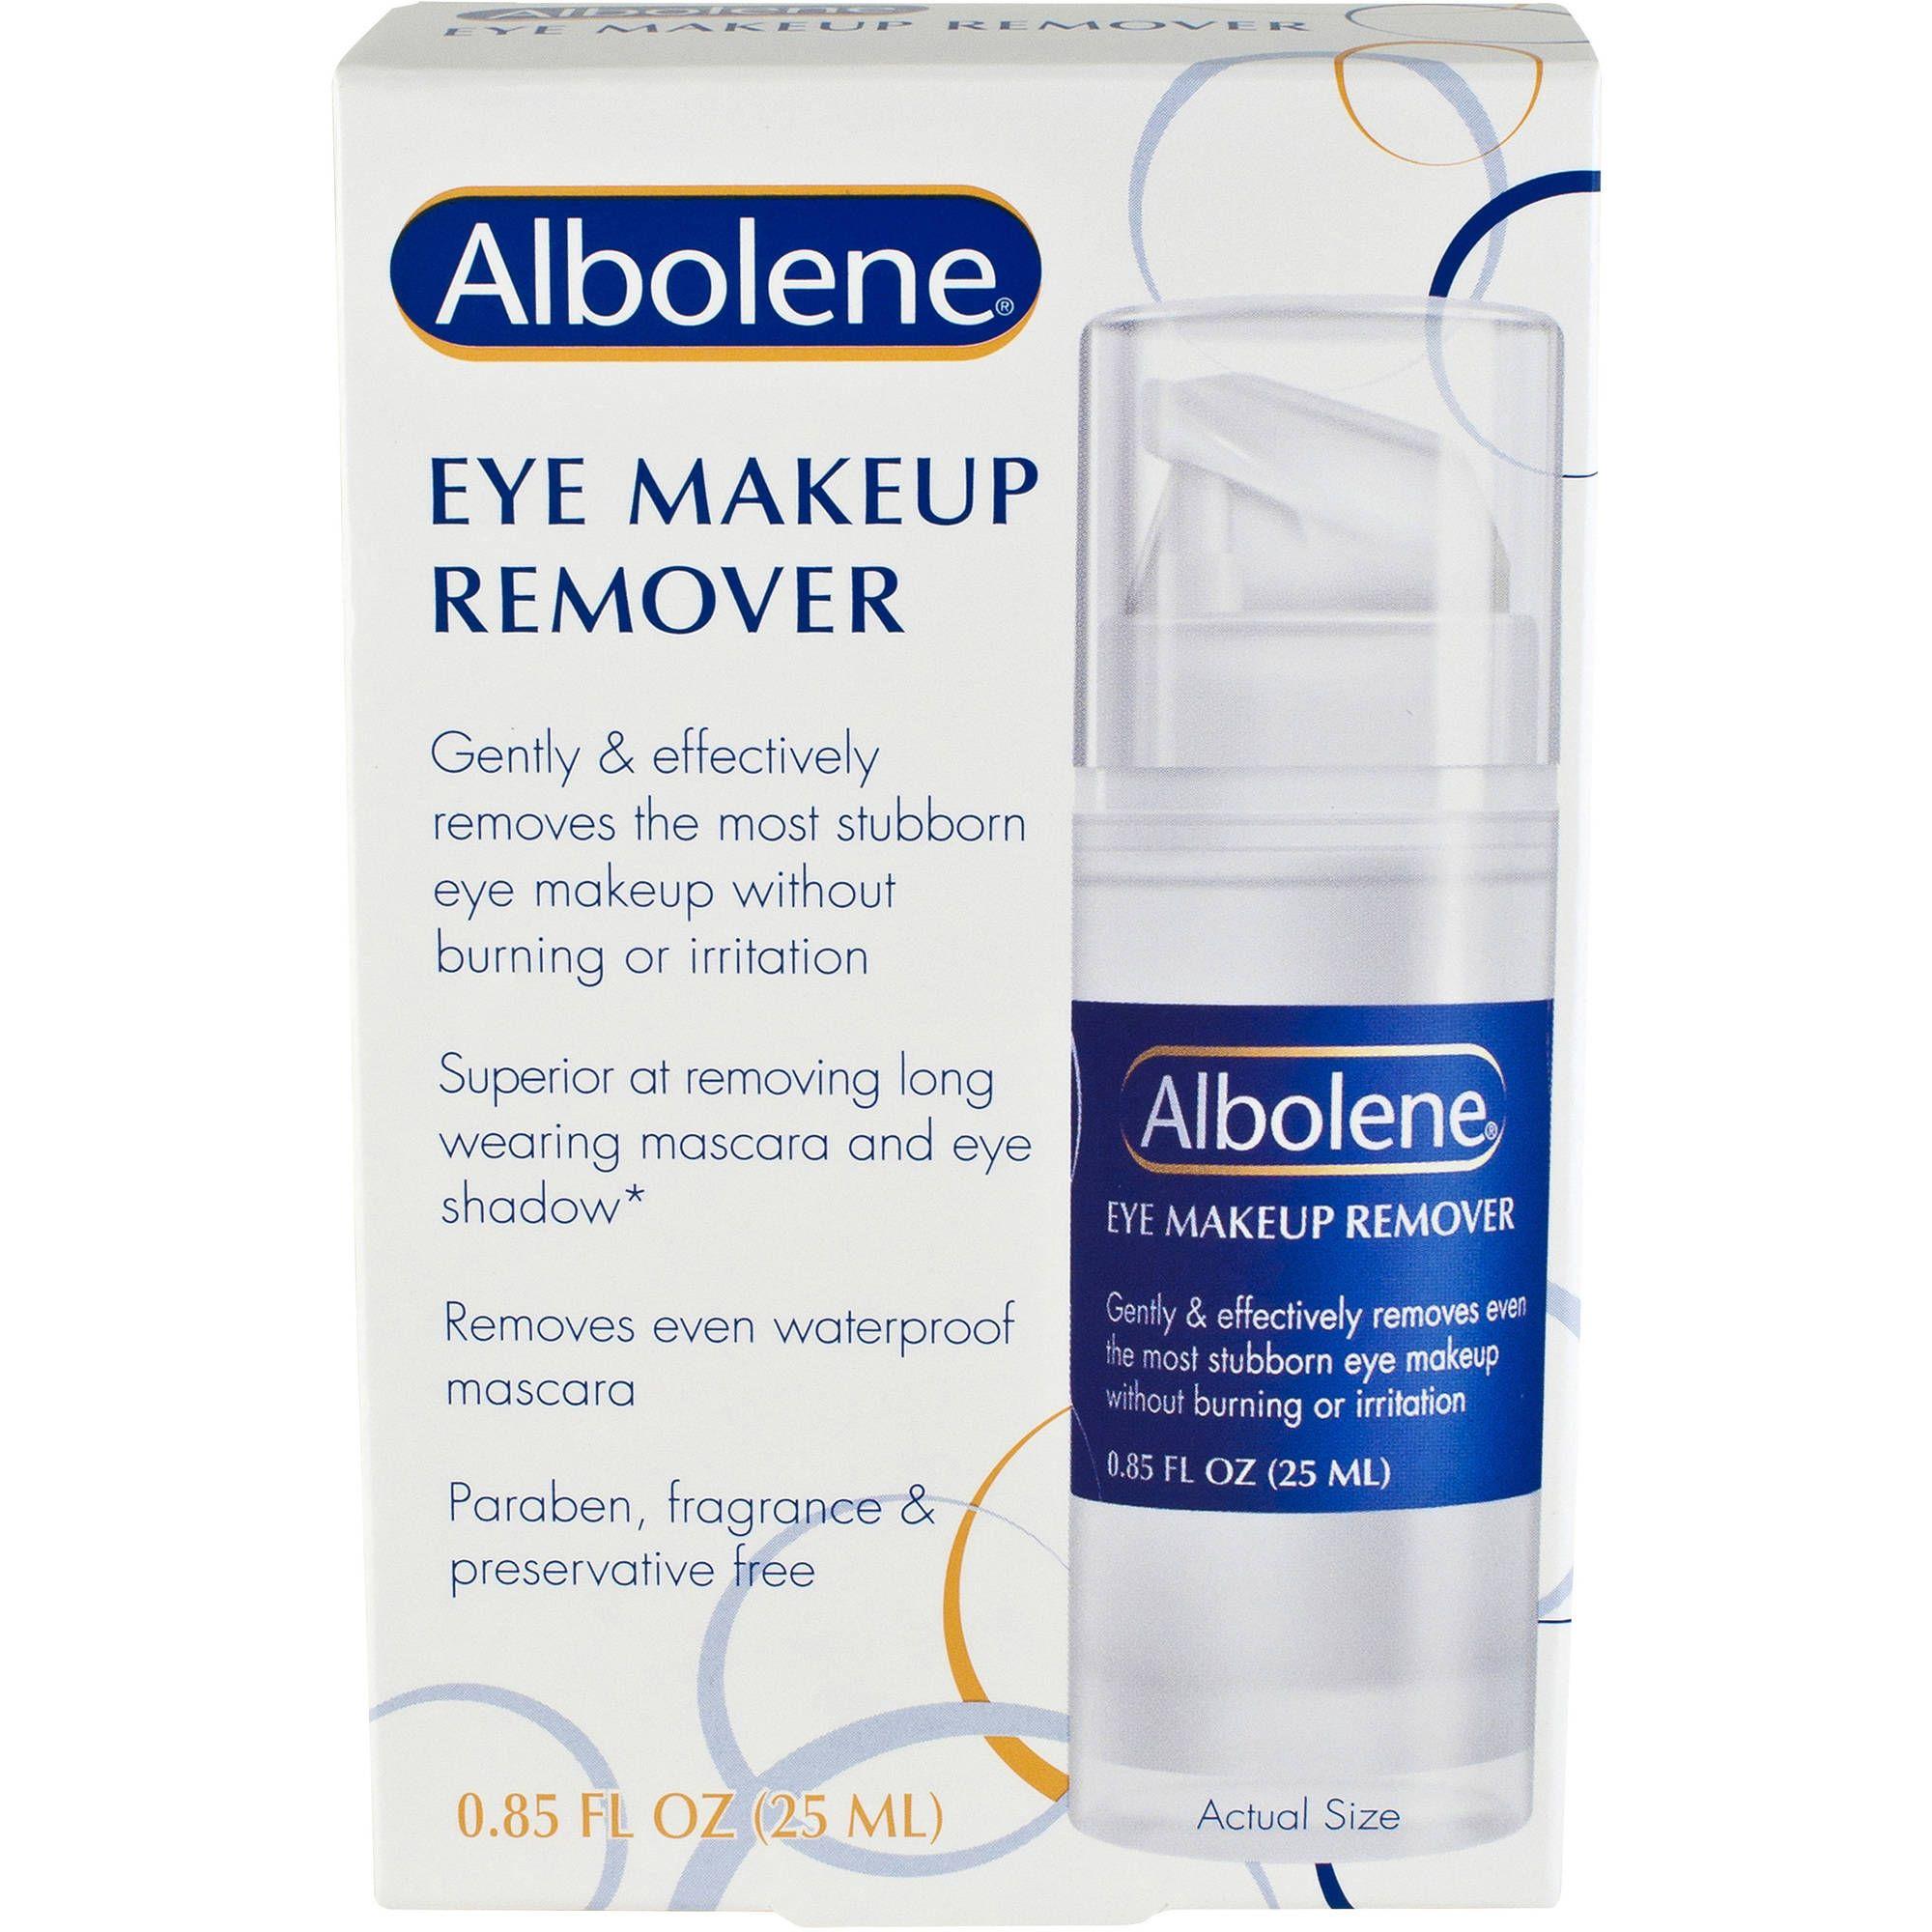 Albolene Eye Makeup Remover, 0.85 oz Eye